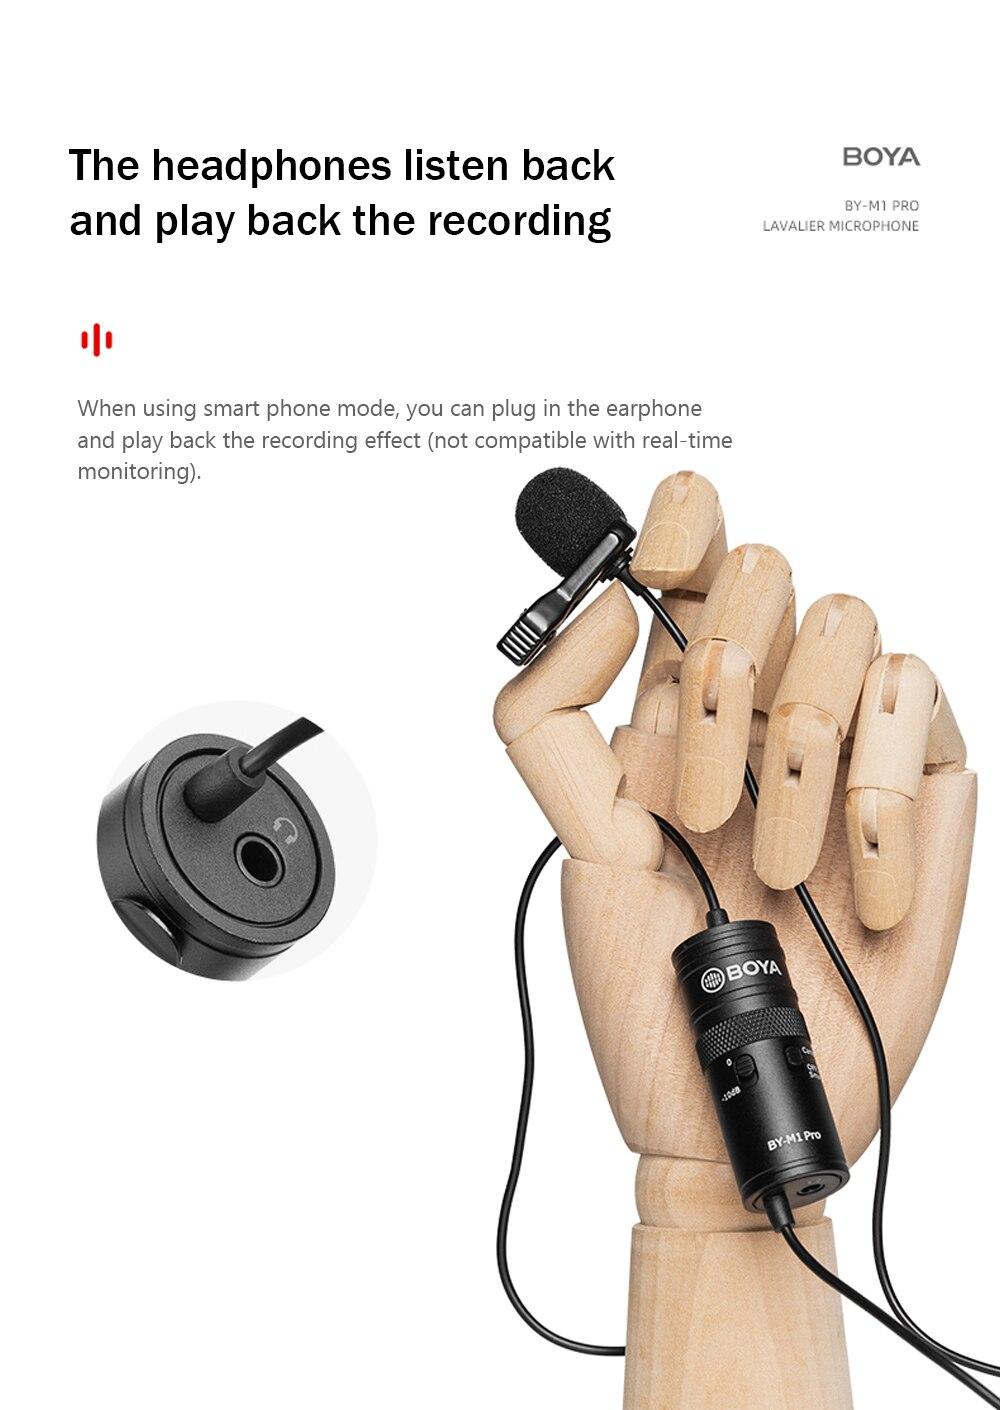 BOYA BY-M1 Pro Universal Lavalier Microphone 5